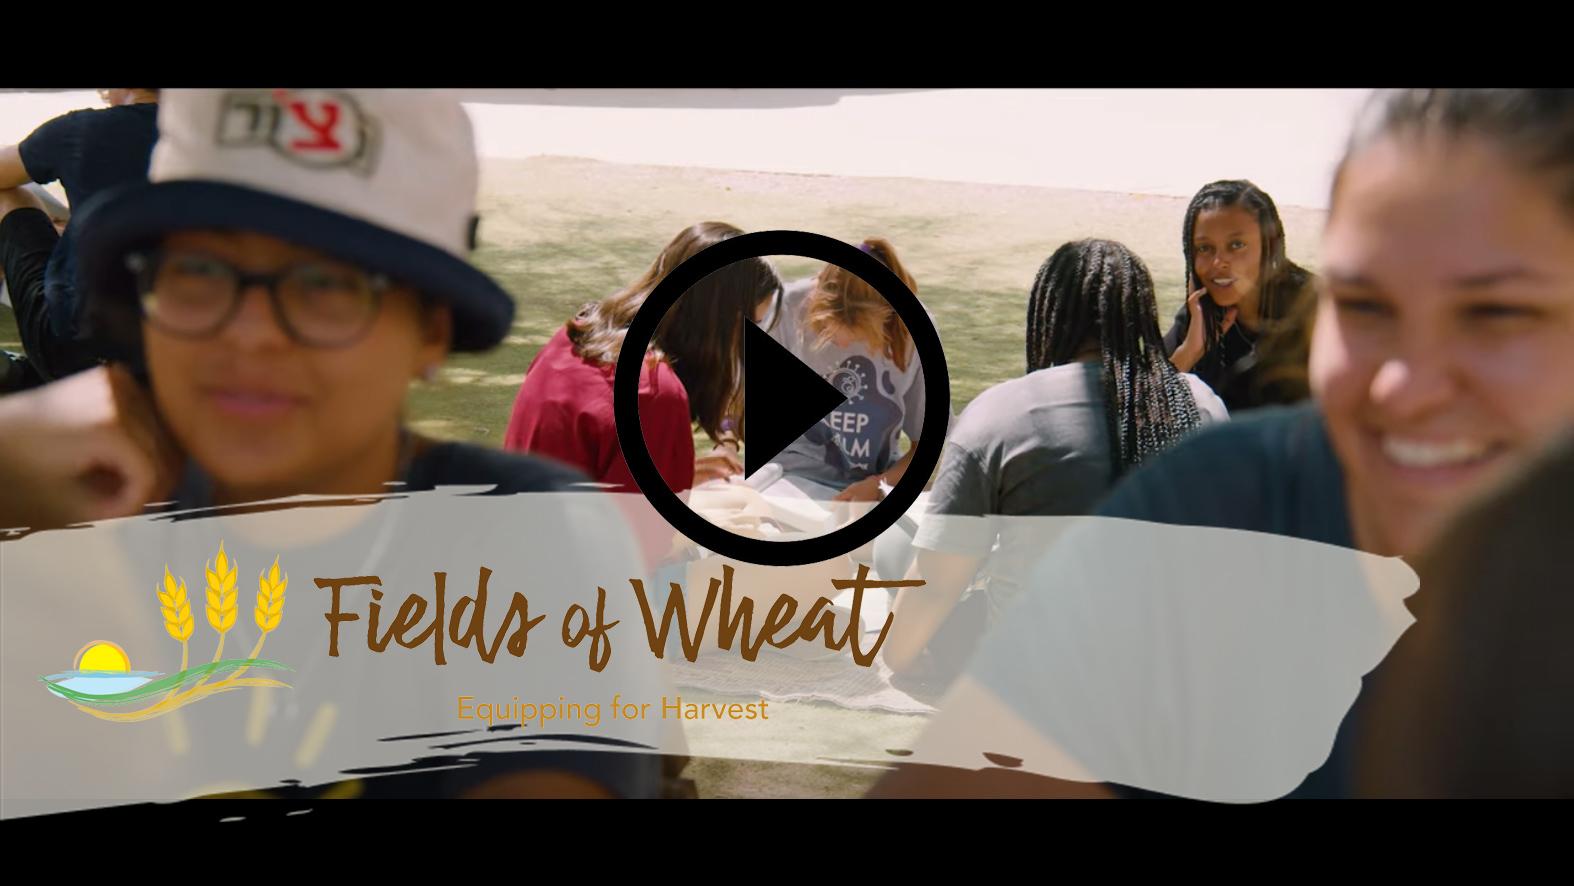 fields of wheat promo video